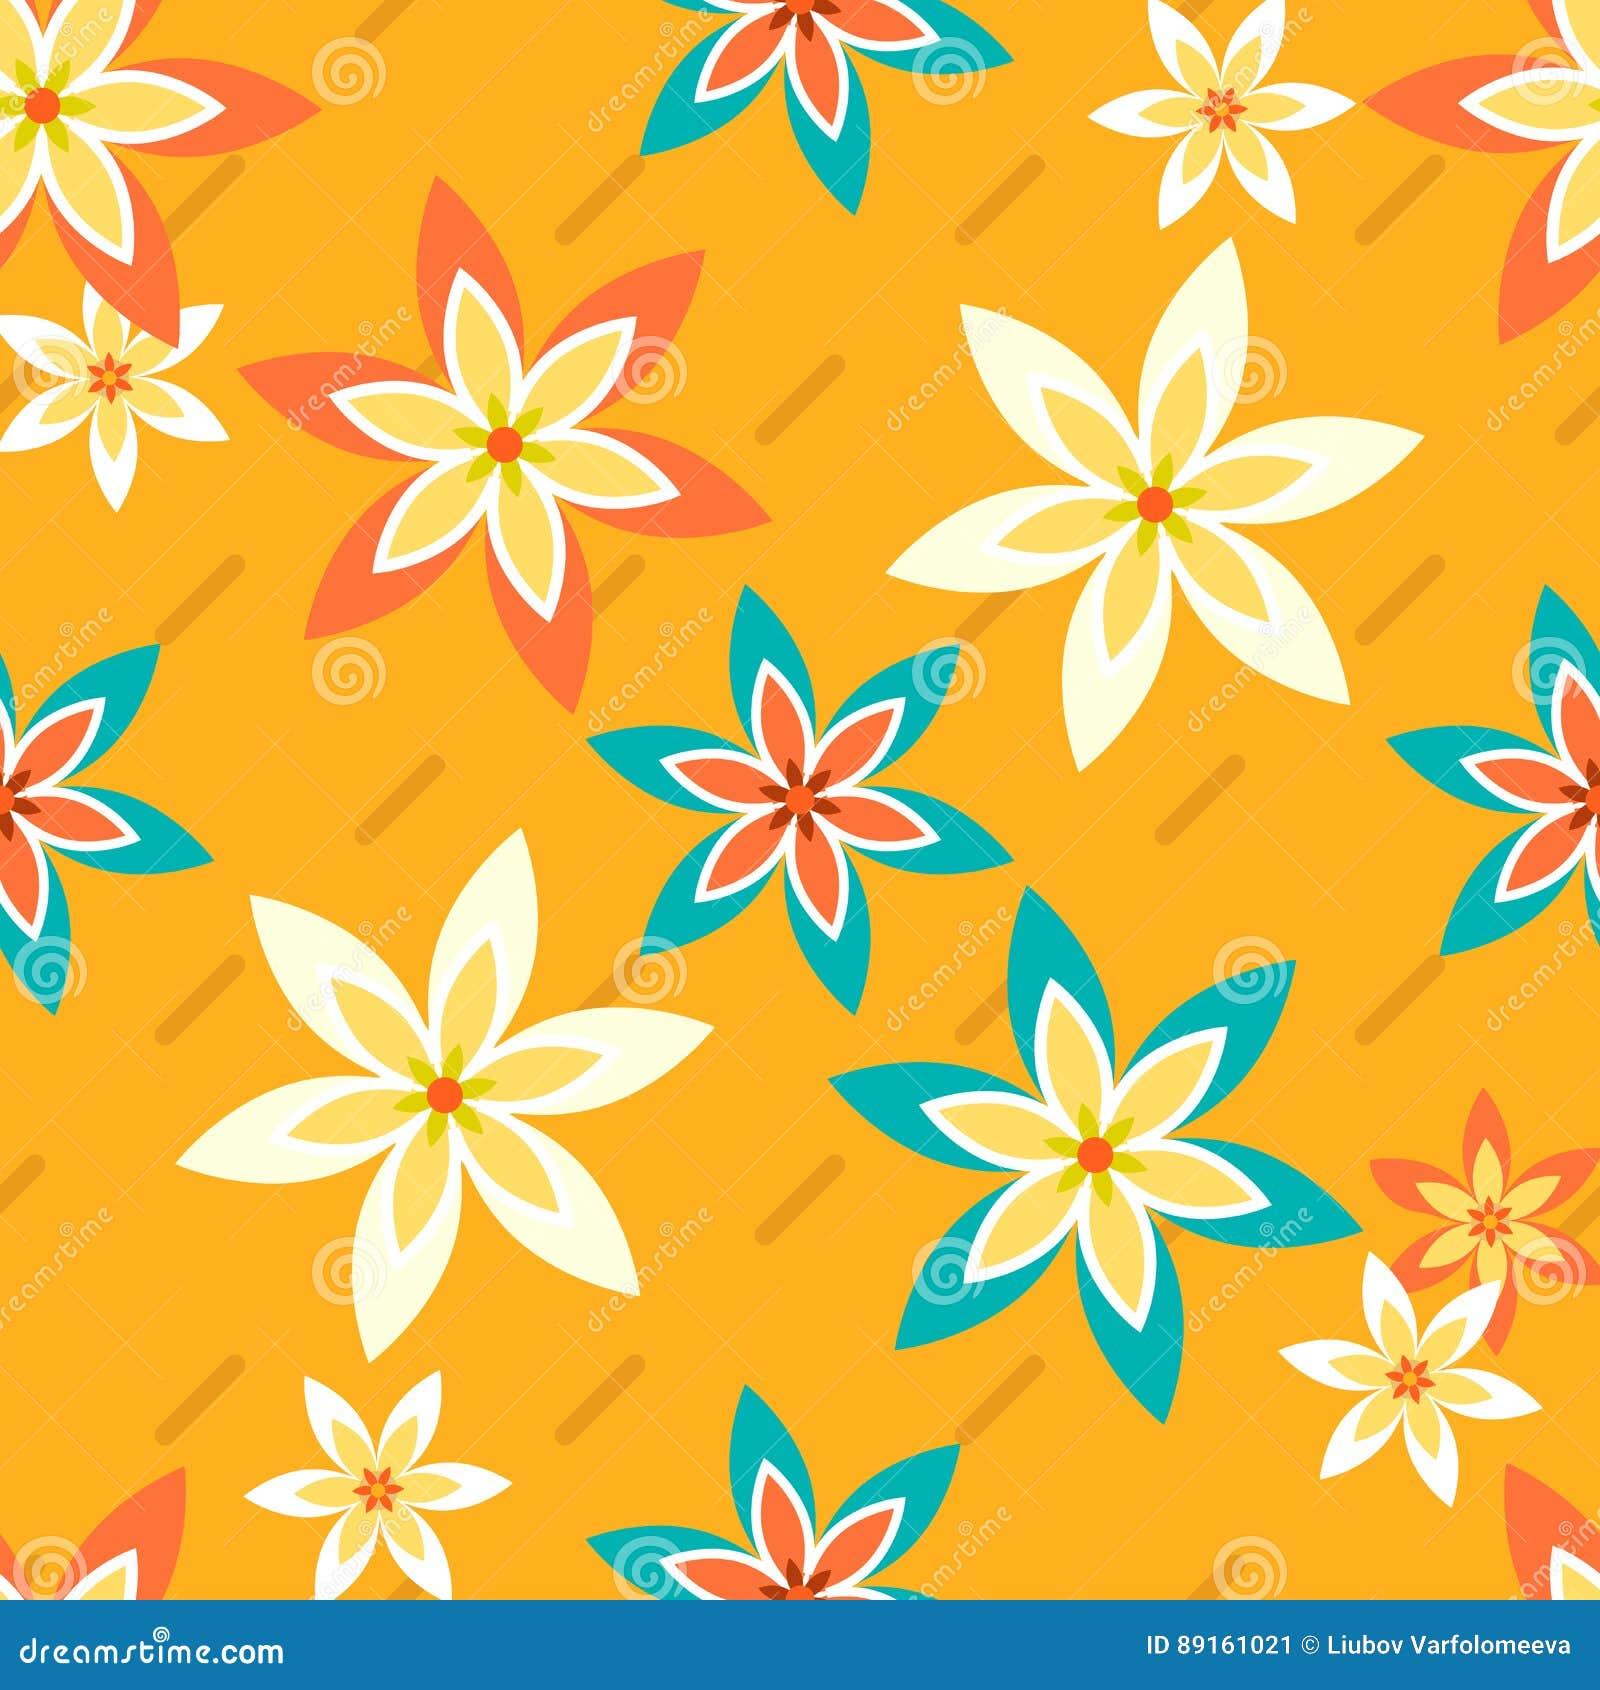 Blumen und Stripes2-01